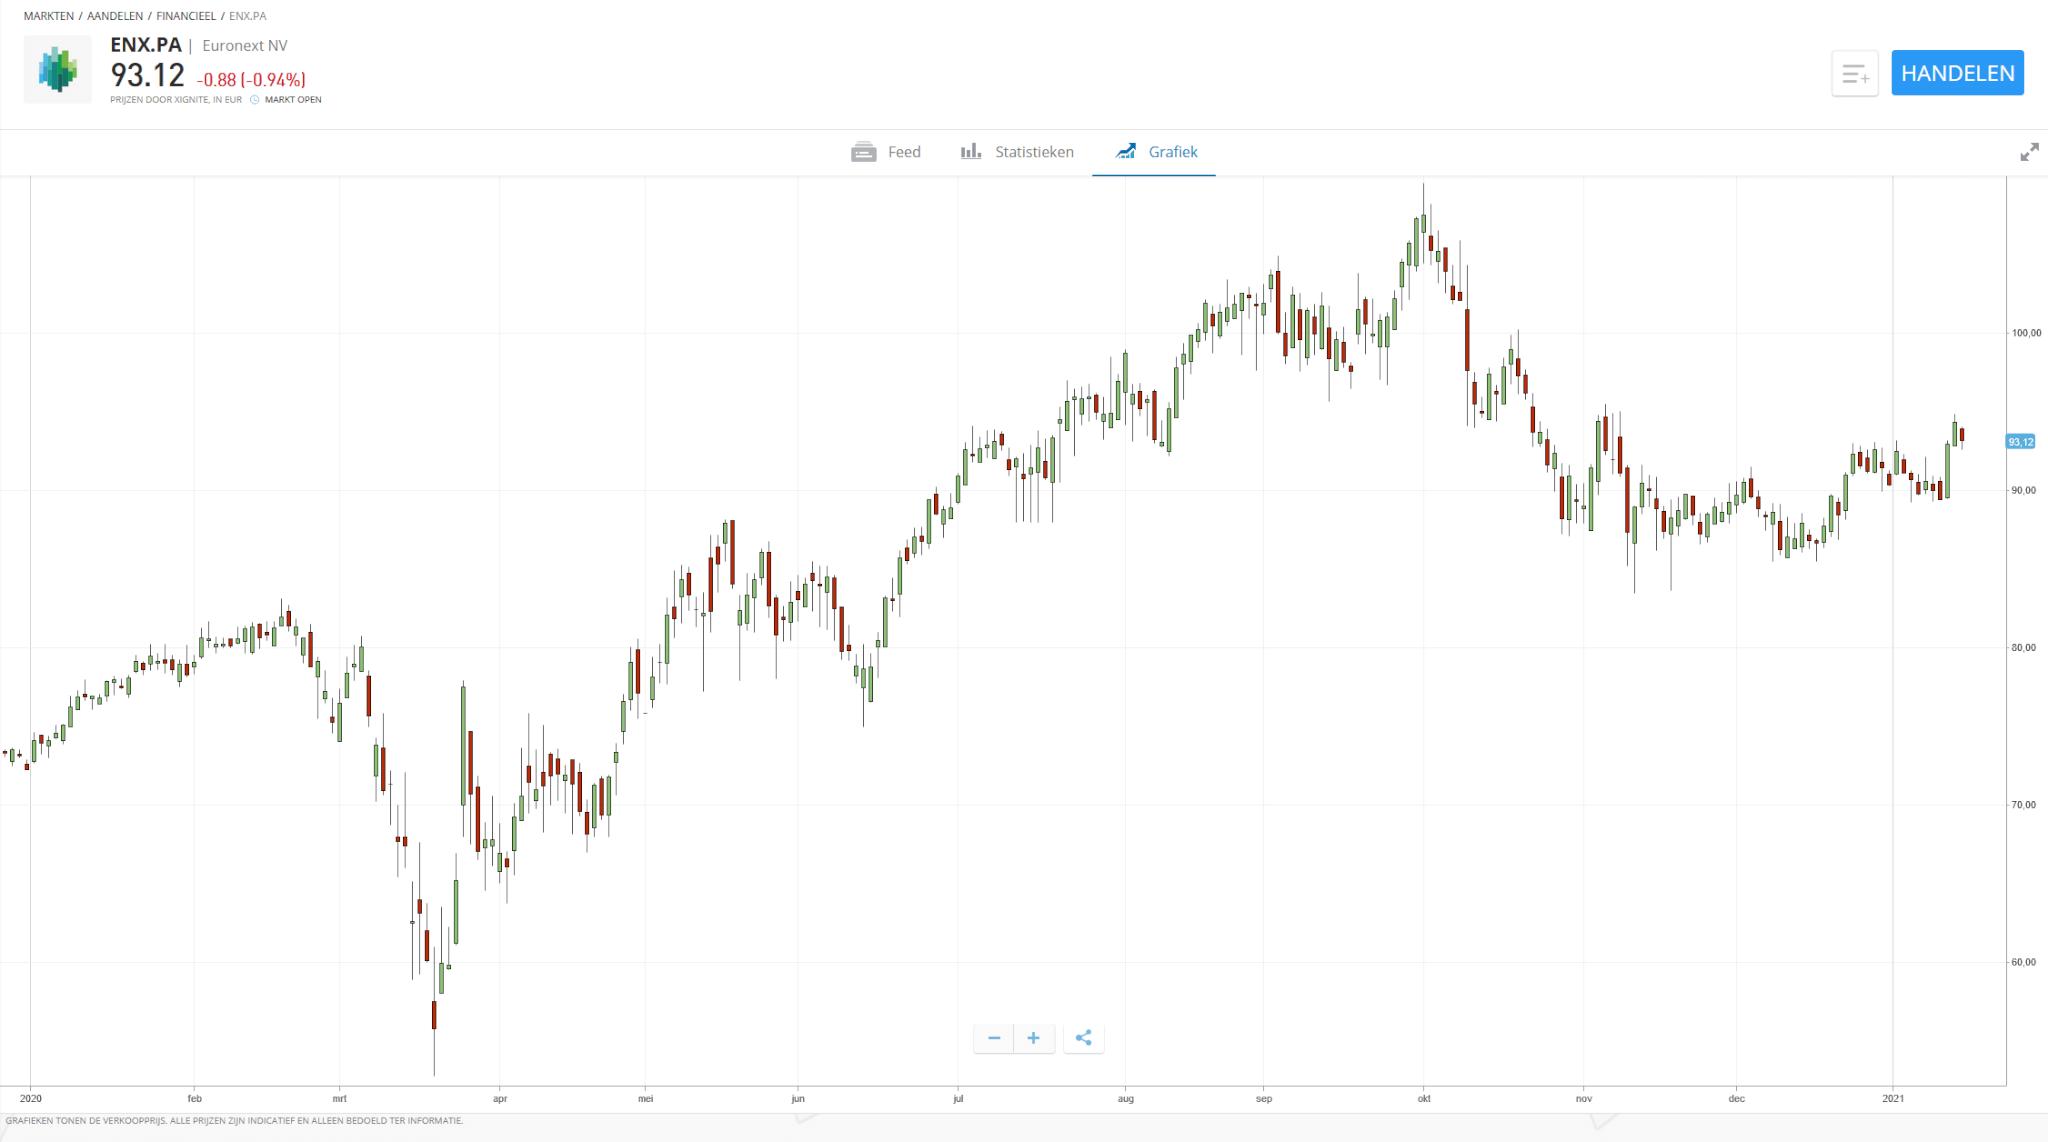 Aandeel fugro koers etoro grafiek euronext